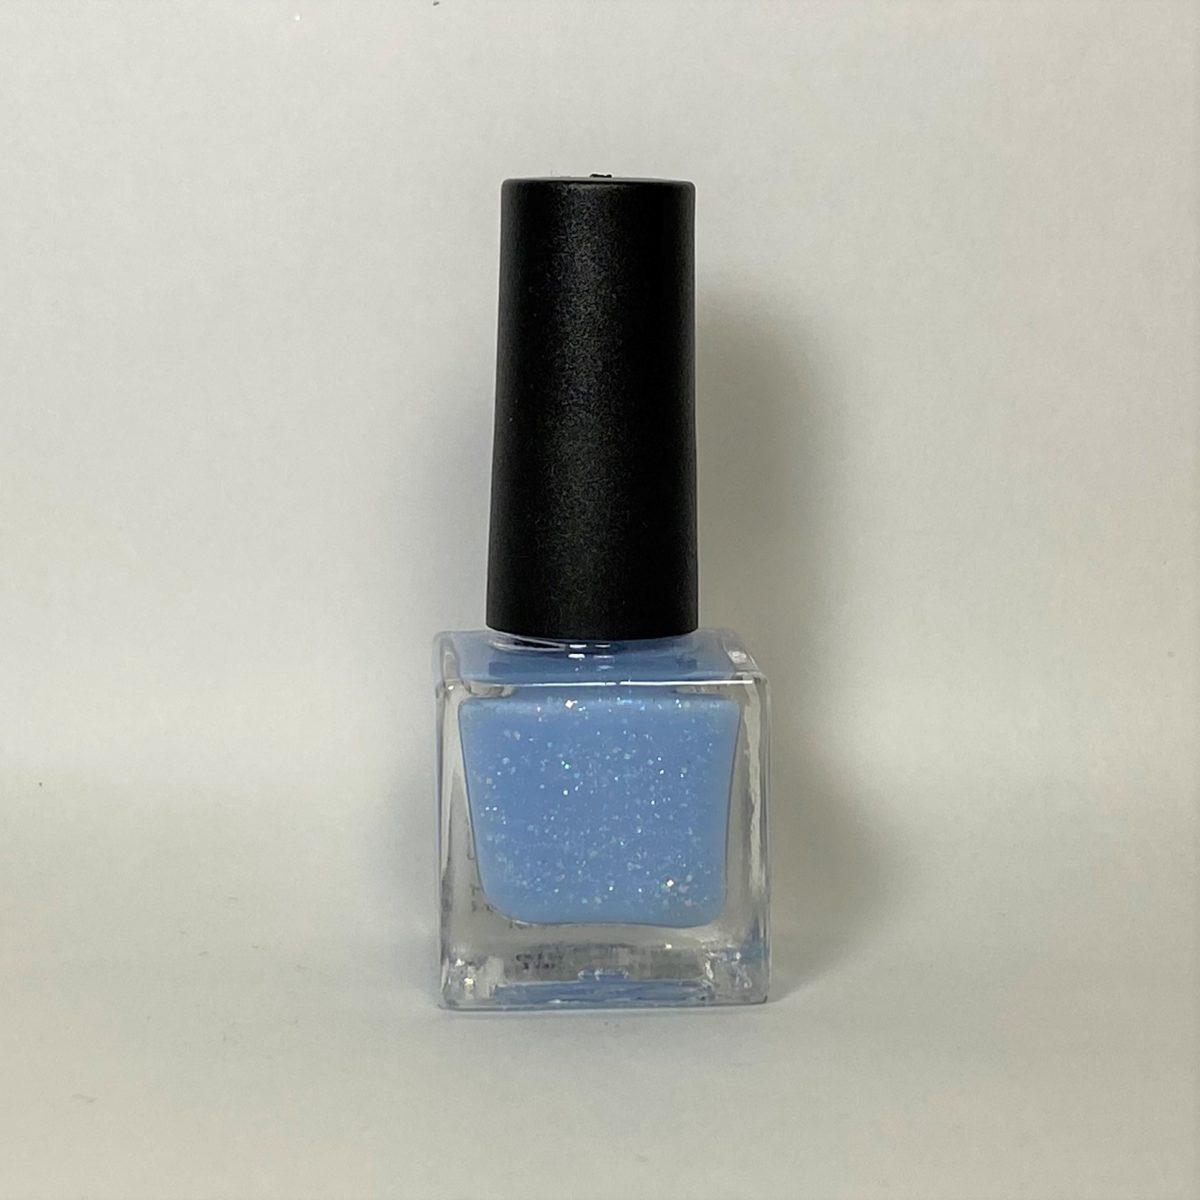 ネイルポリッシュ G18 Light Blue